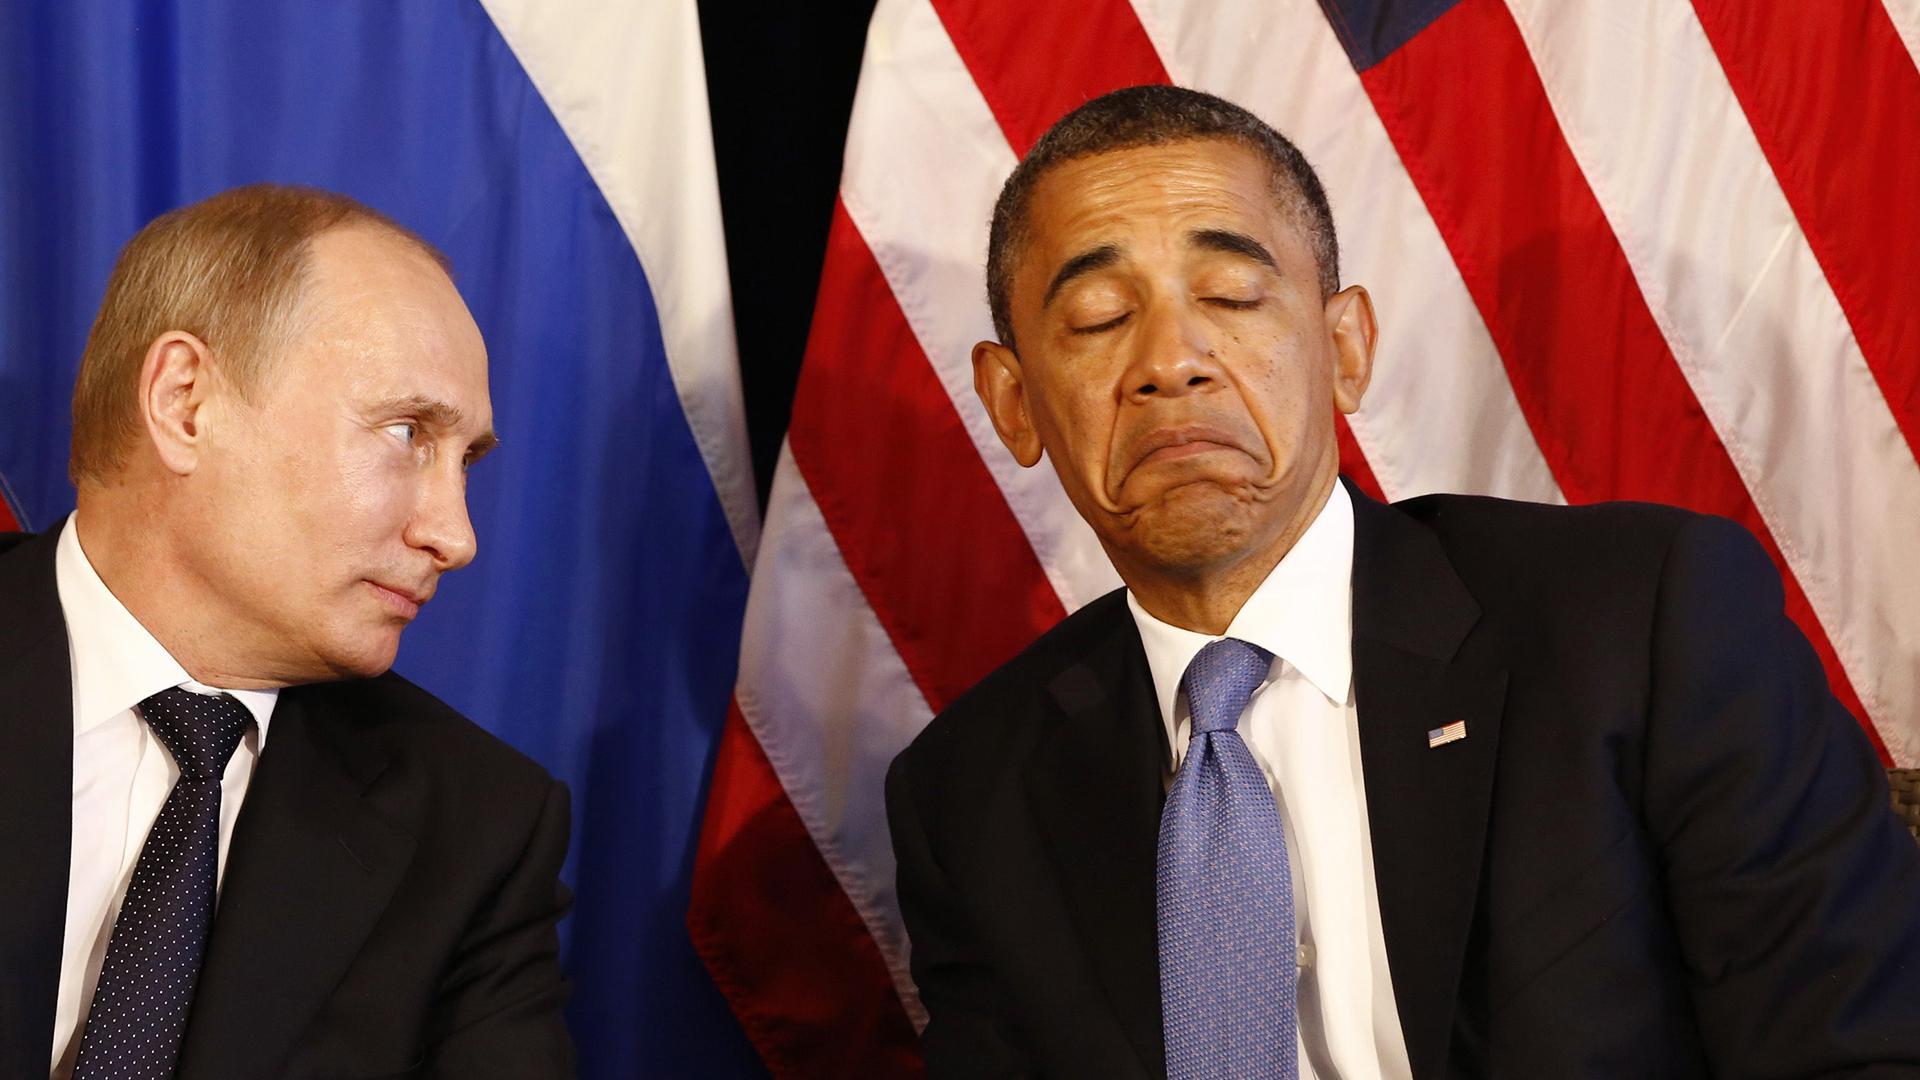 Putin anota otro �gol� a Obama por Siria